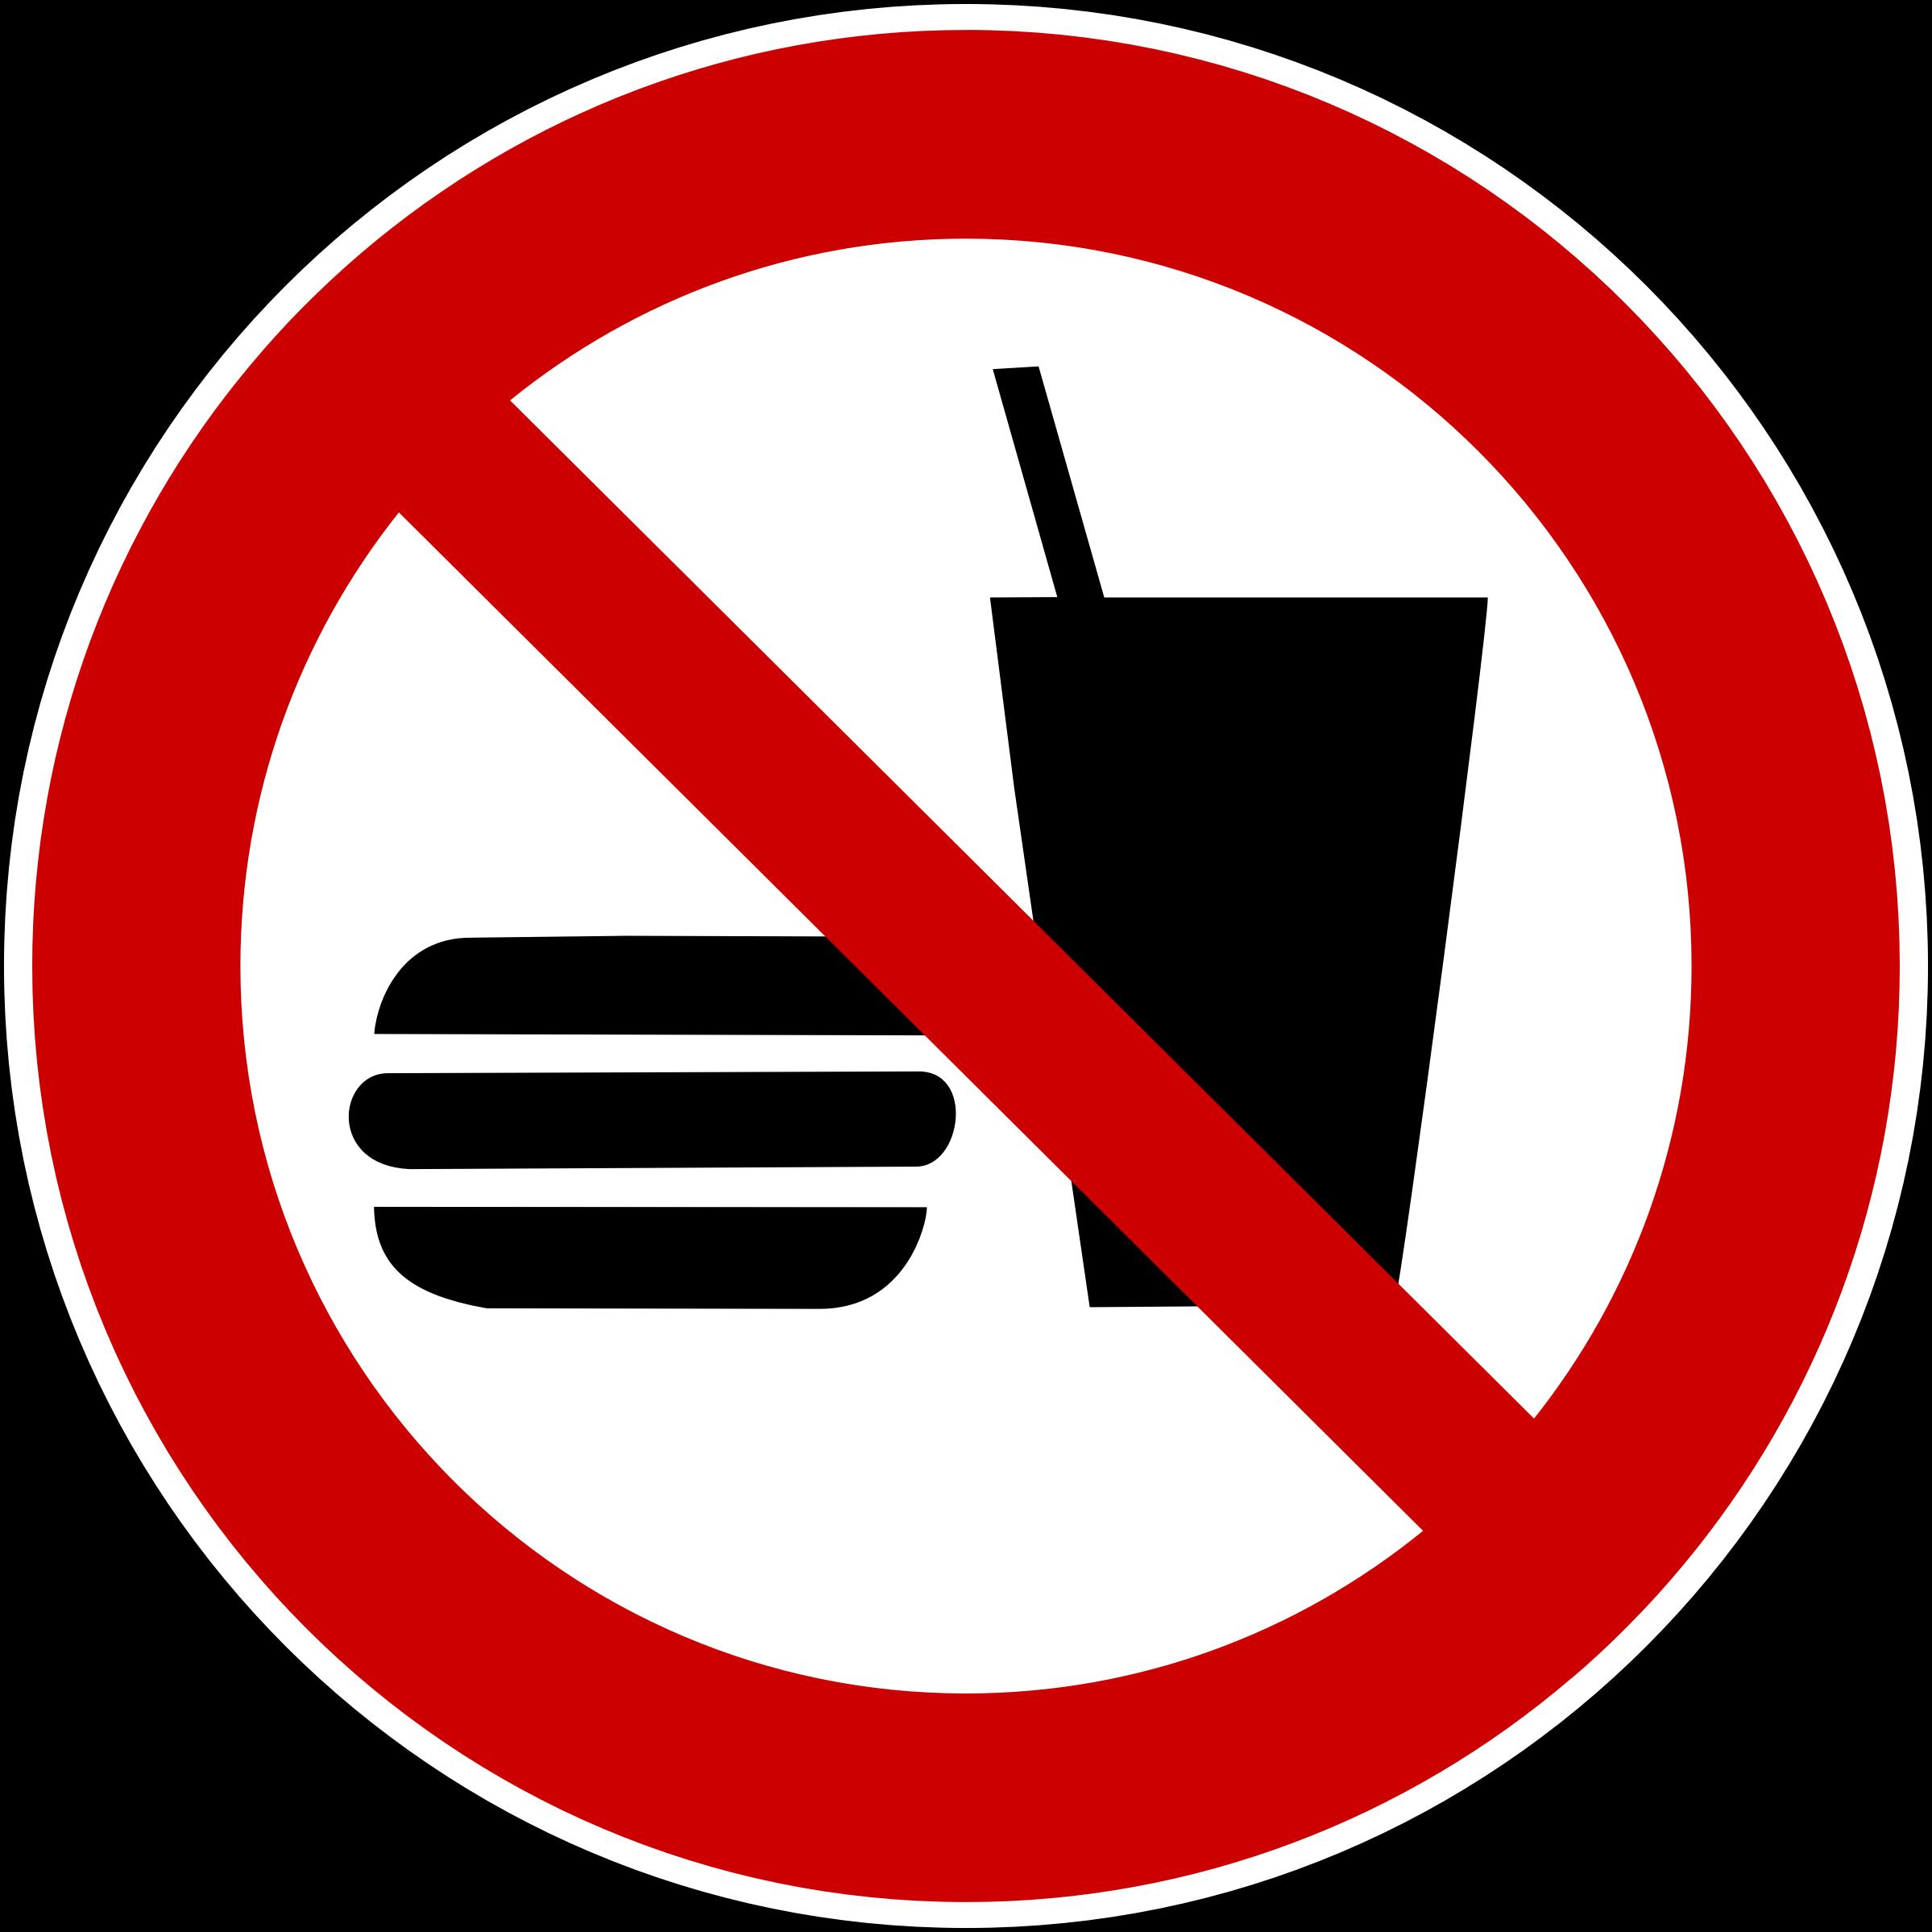 Food clipart circle. No fast big image